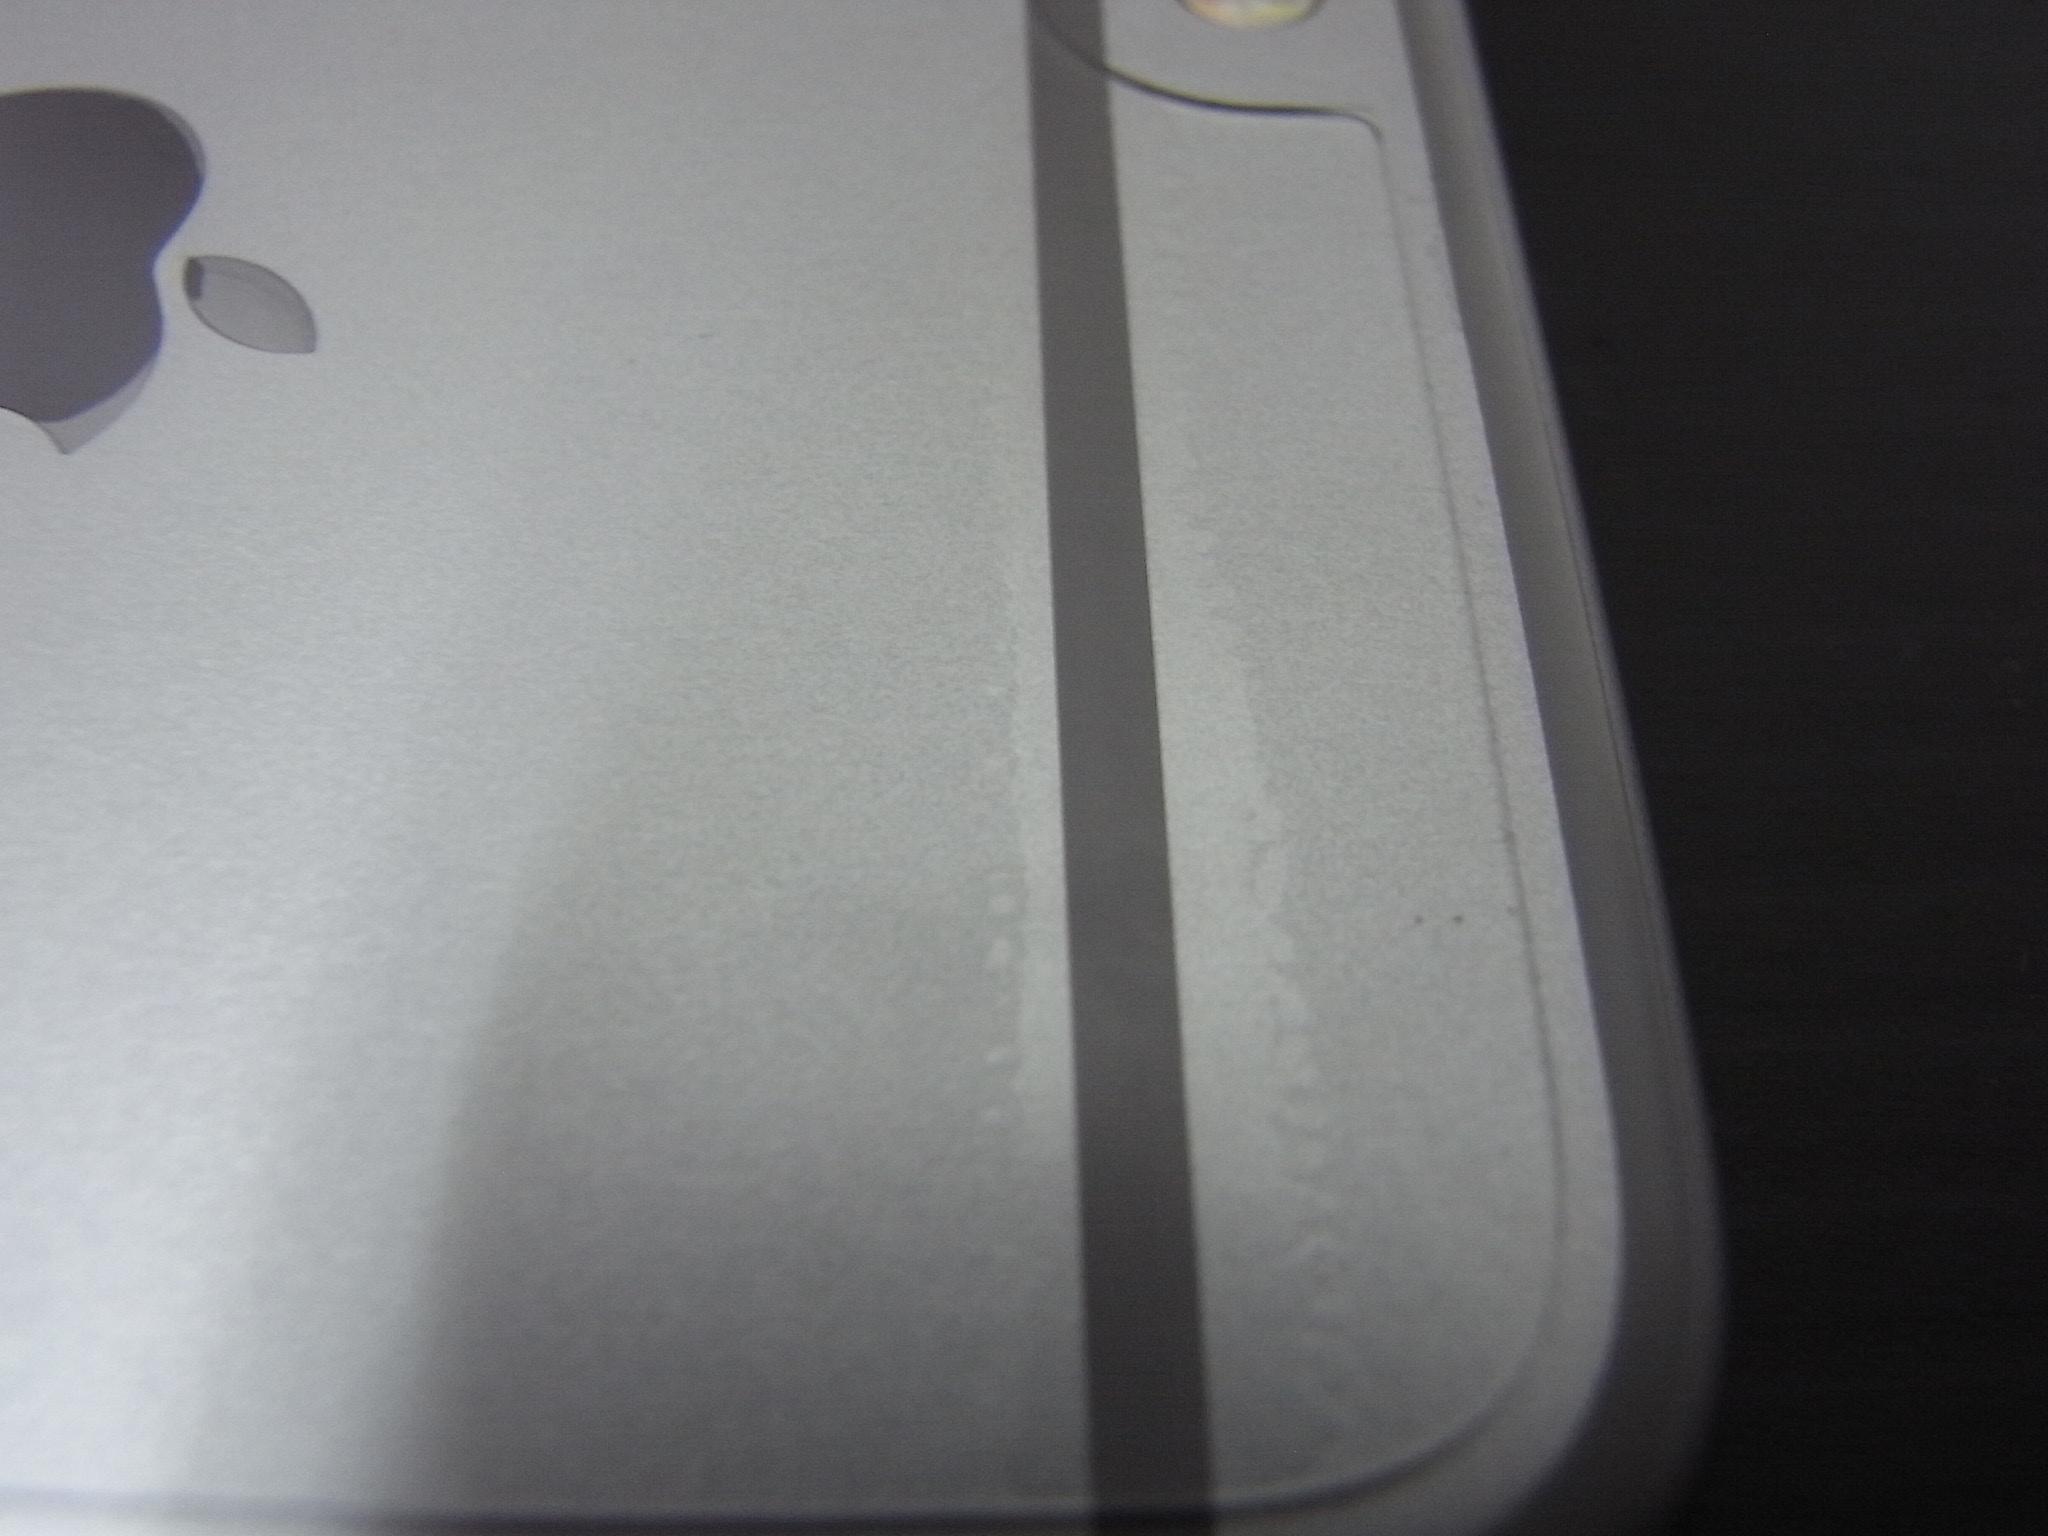 裏面保護シート OverLay Protector for iPhone 6 / iPhone 6 plus 予約受付開始です。